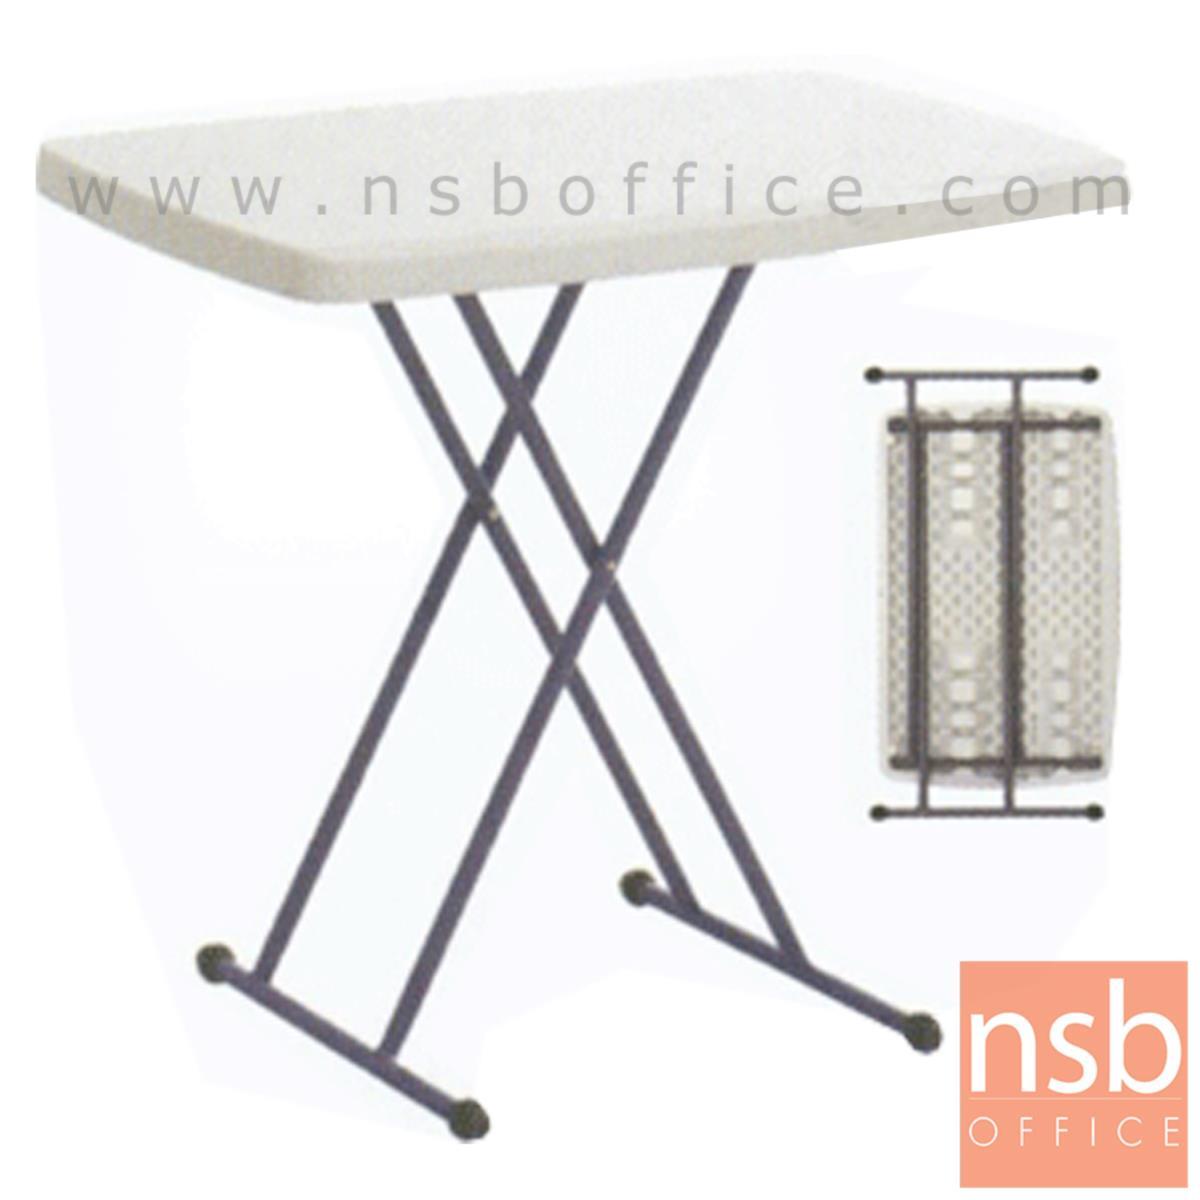 โต๊ะพับหน้าพลาสติก รุ่น PL-PPF  ขนาด 76W cm.  ขาเตารีดอีพ็อกซีเกล็ดเงิน